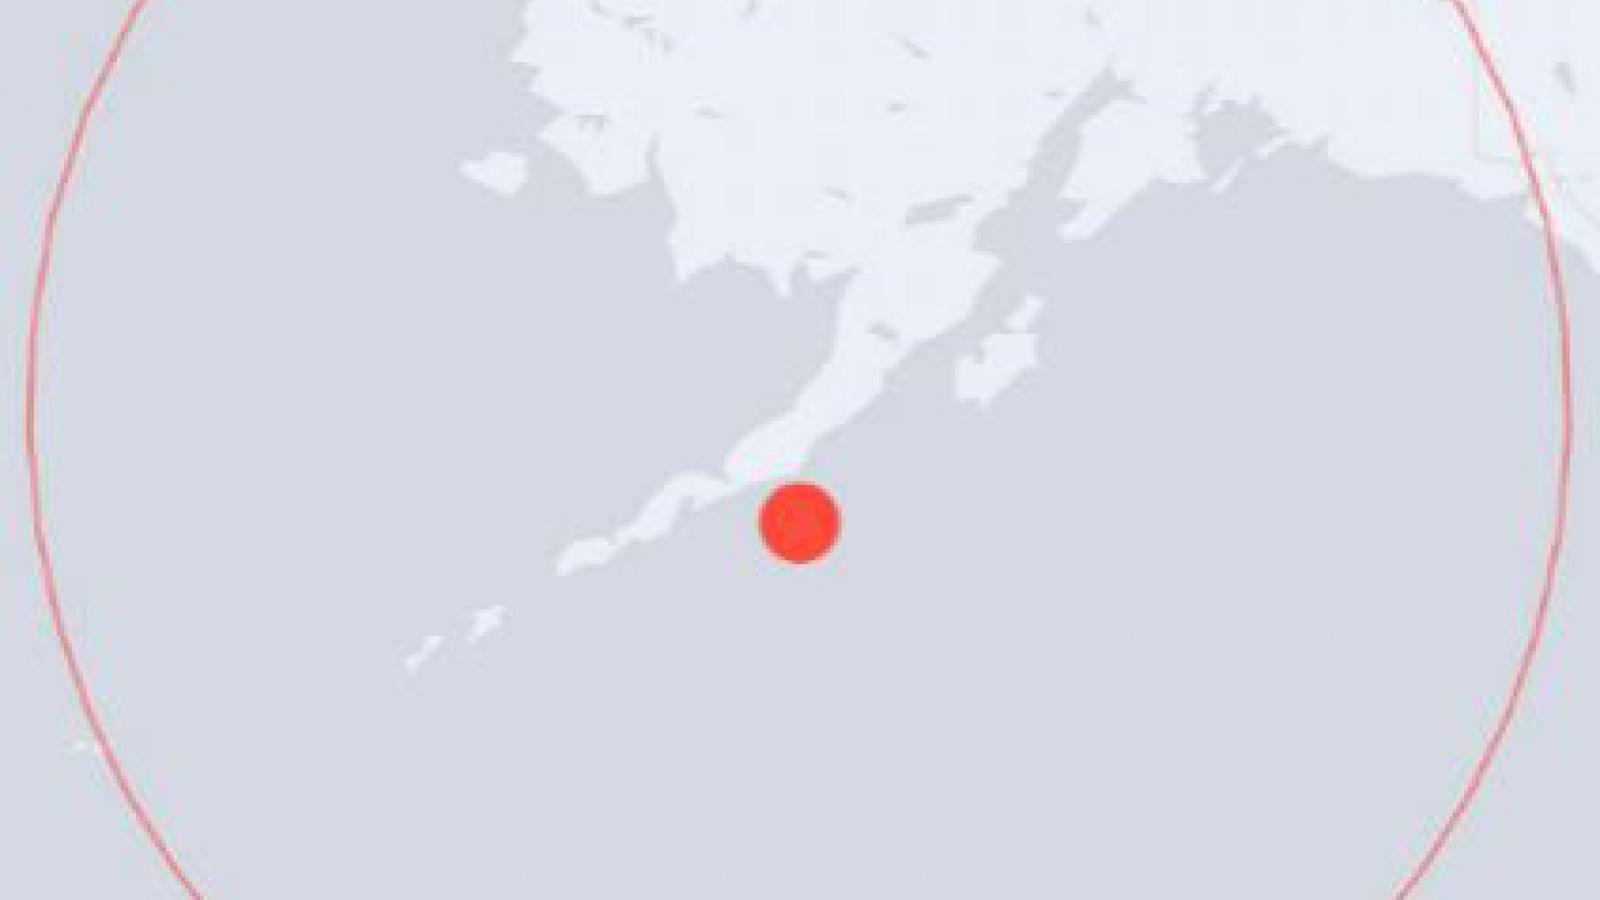 Cảnh báo sóng thần ở Alaska sau trận động đất mạnh 7,8 độ